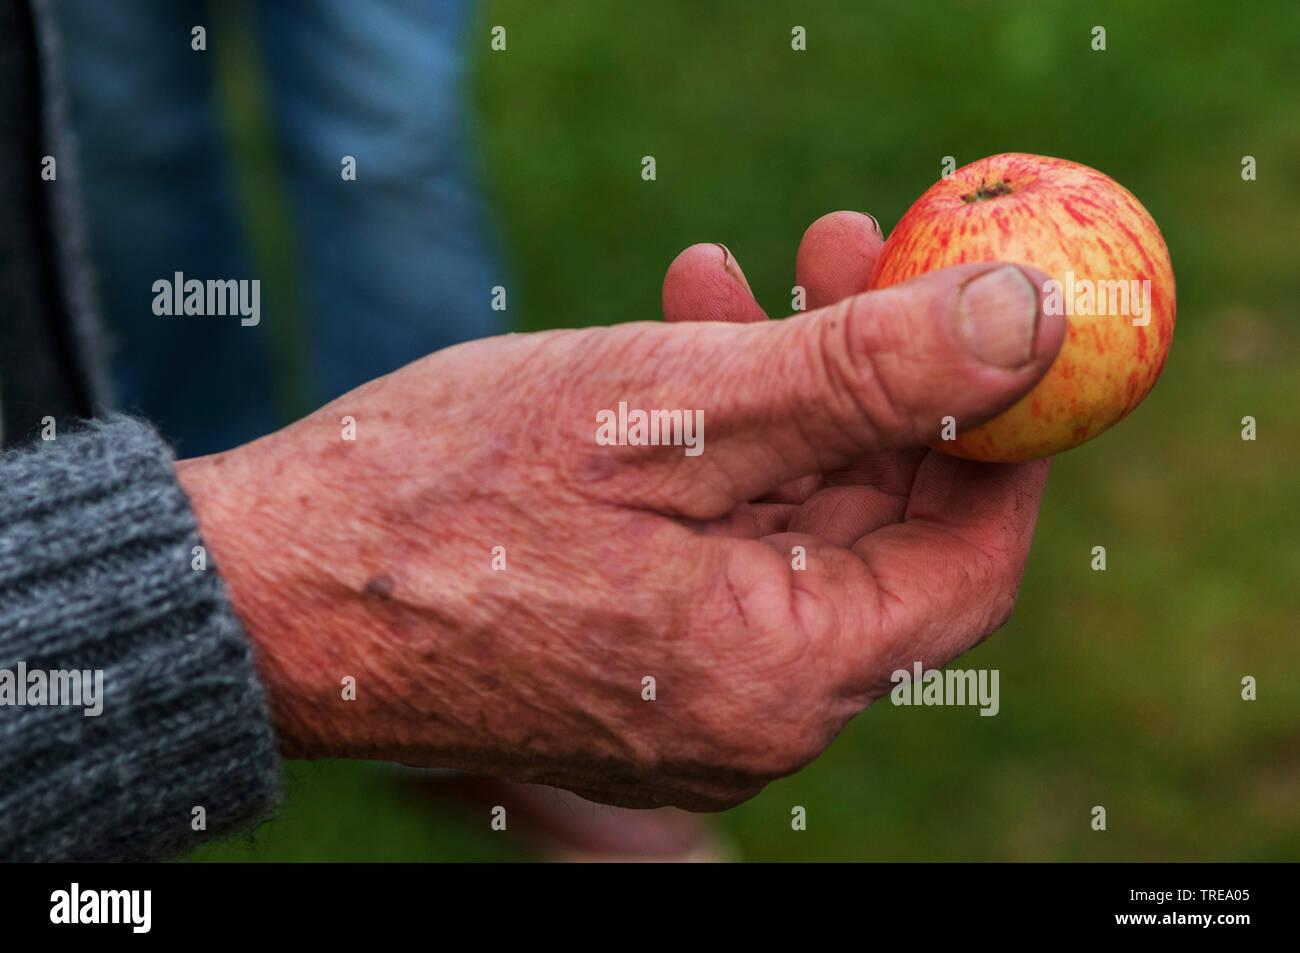 verschiedene Obstsorten werden in einer Plantage vorgestellt, Deutschland, Schleswig-Holstein   different apple cultivars are presented, Germany, Schl - Stock Image